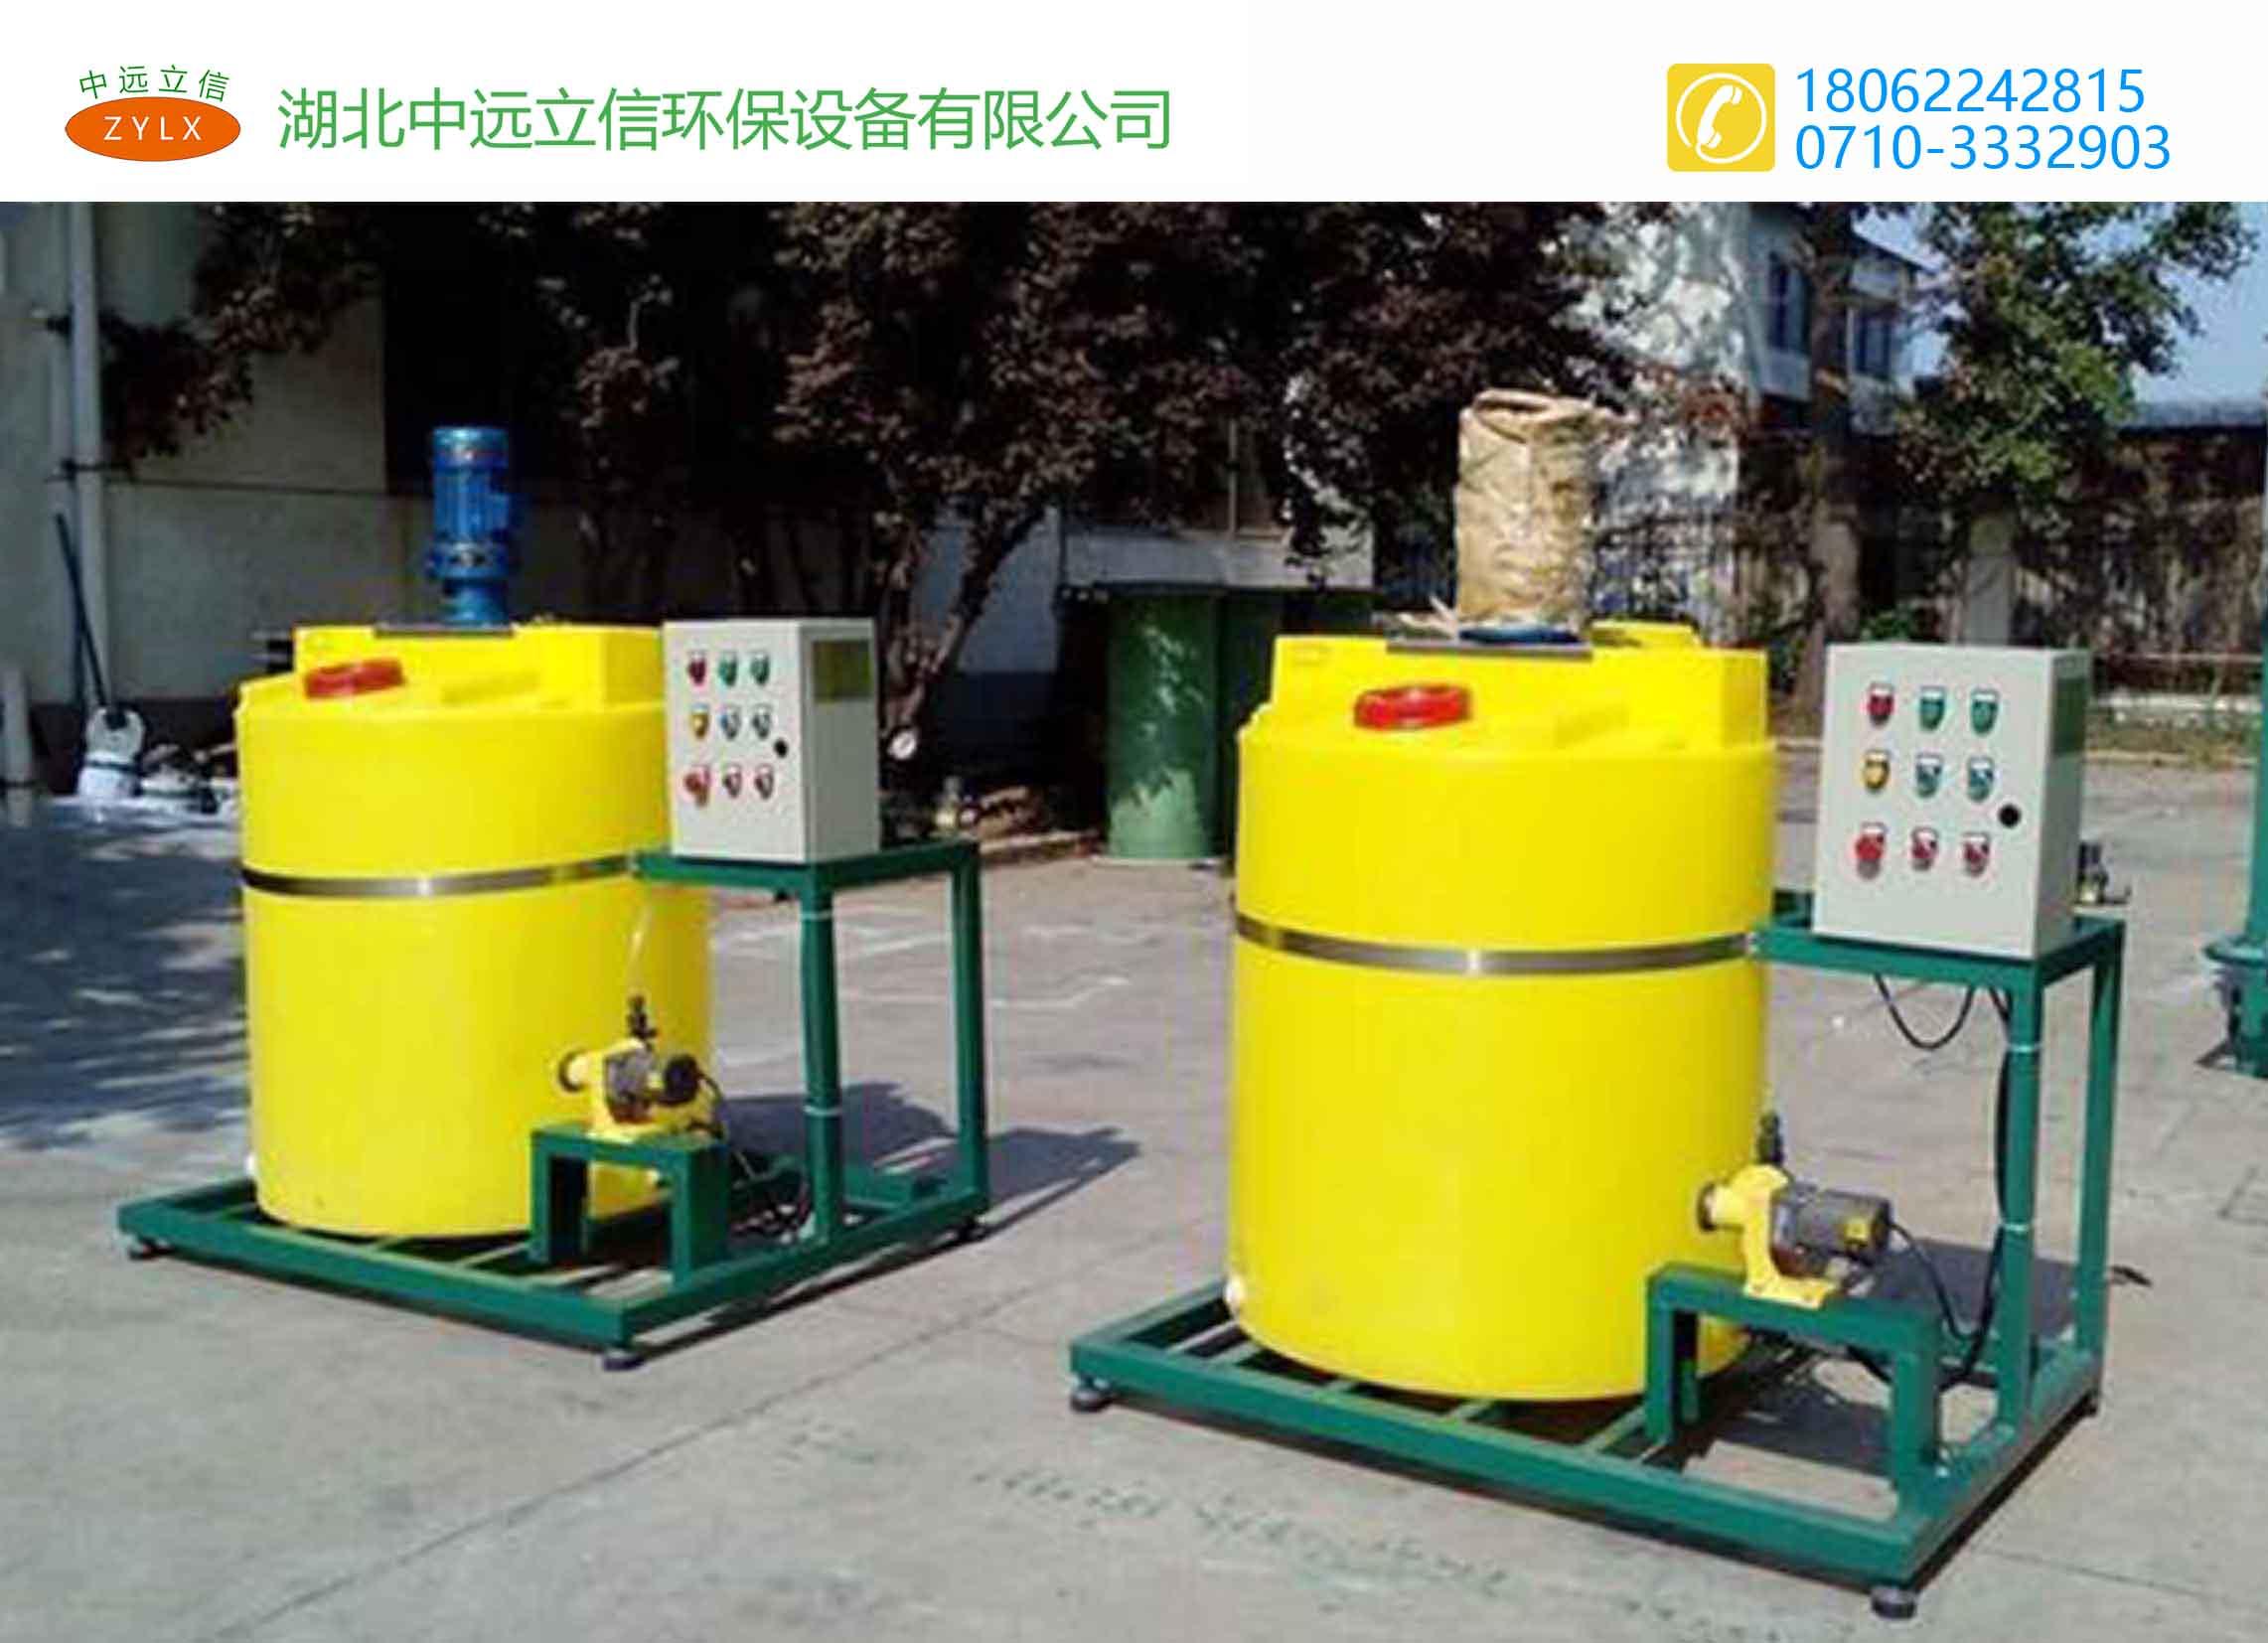 农村污水处理设备:把钱花到点子上 有目标地筛选技术